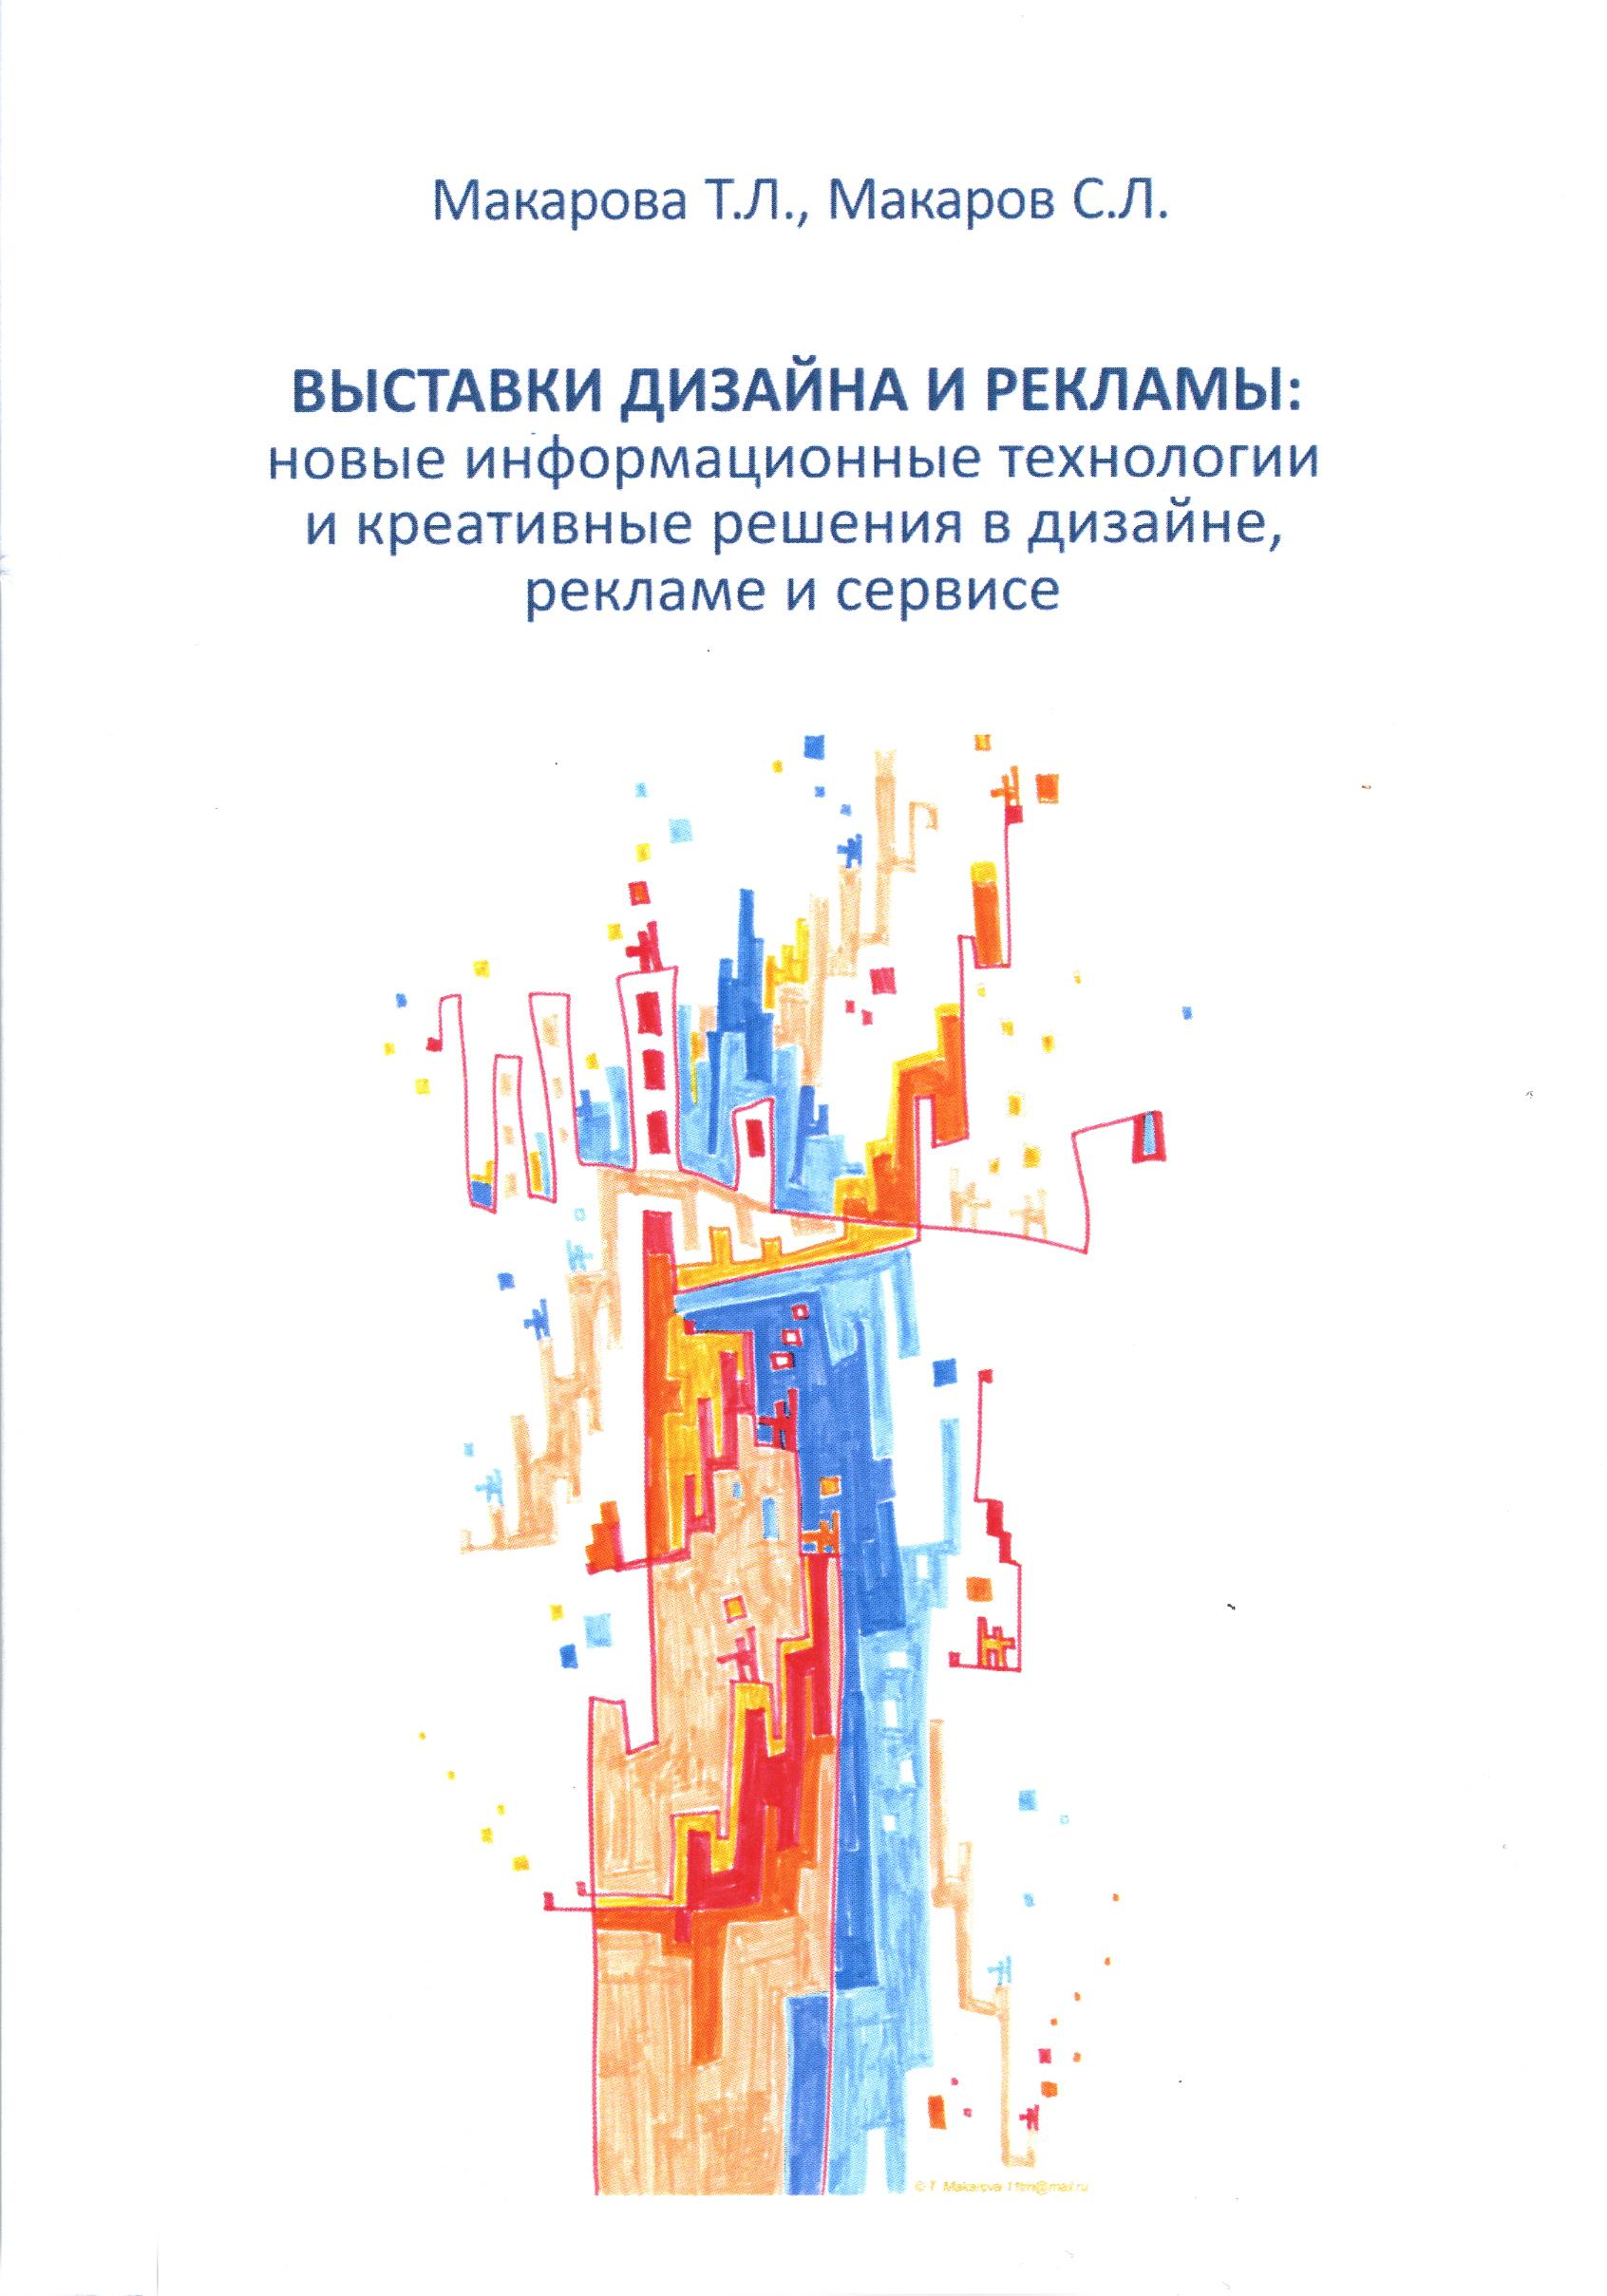 Выставки дизайна и рекламы: новые информационные технологии и креативные решения в дизайне, рекламе и сервисе